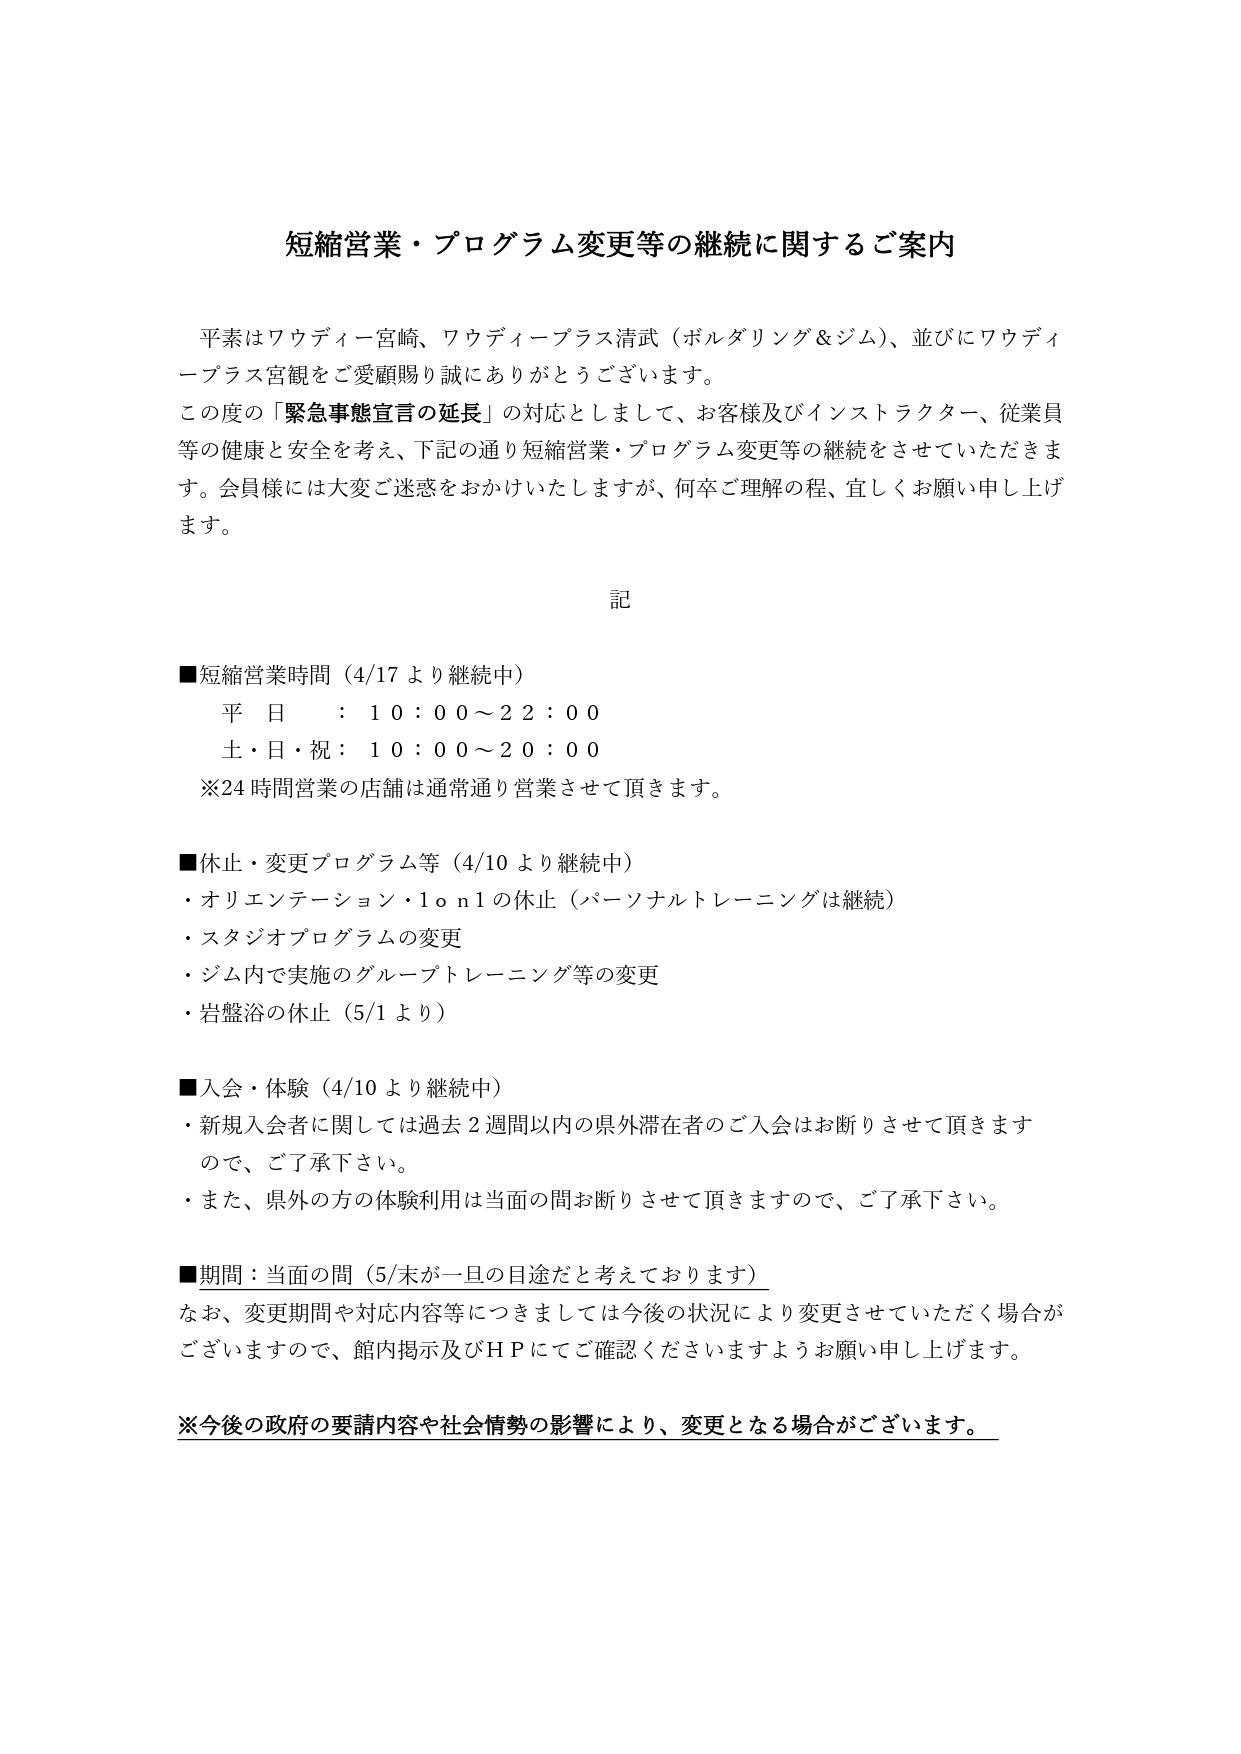 5/4緊急事態宣言延長